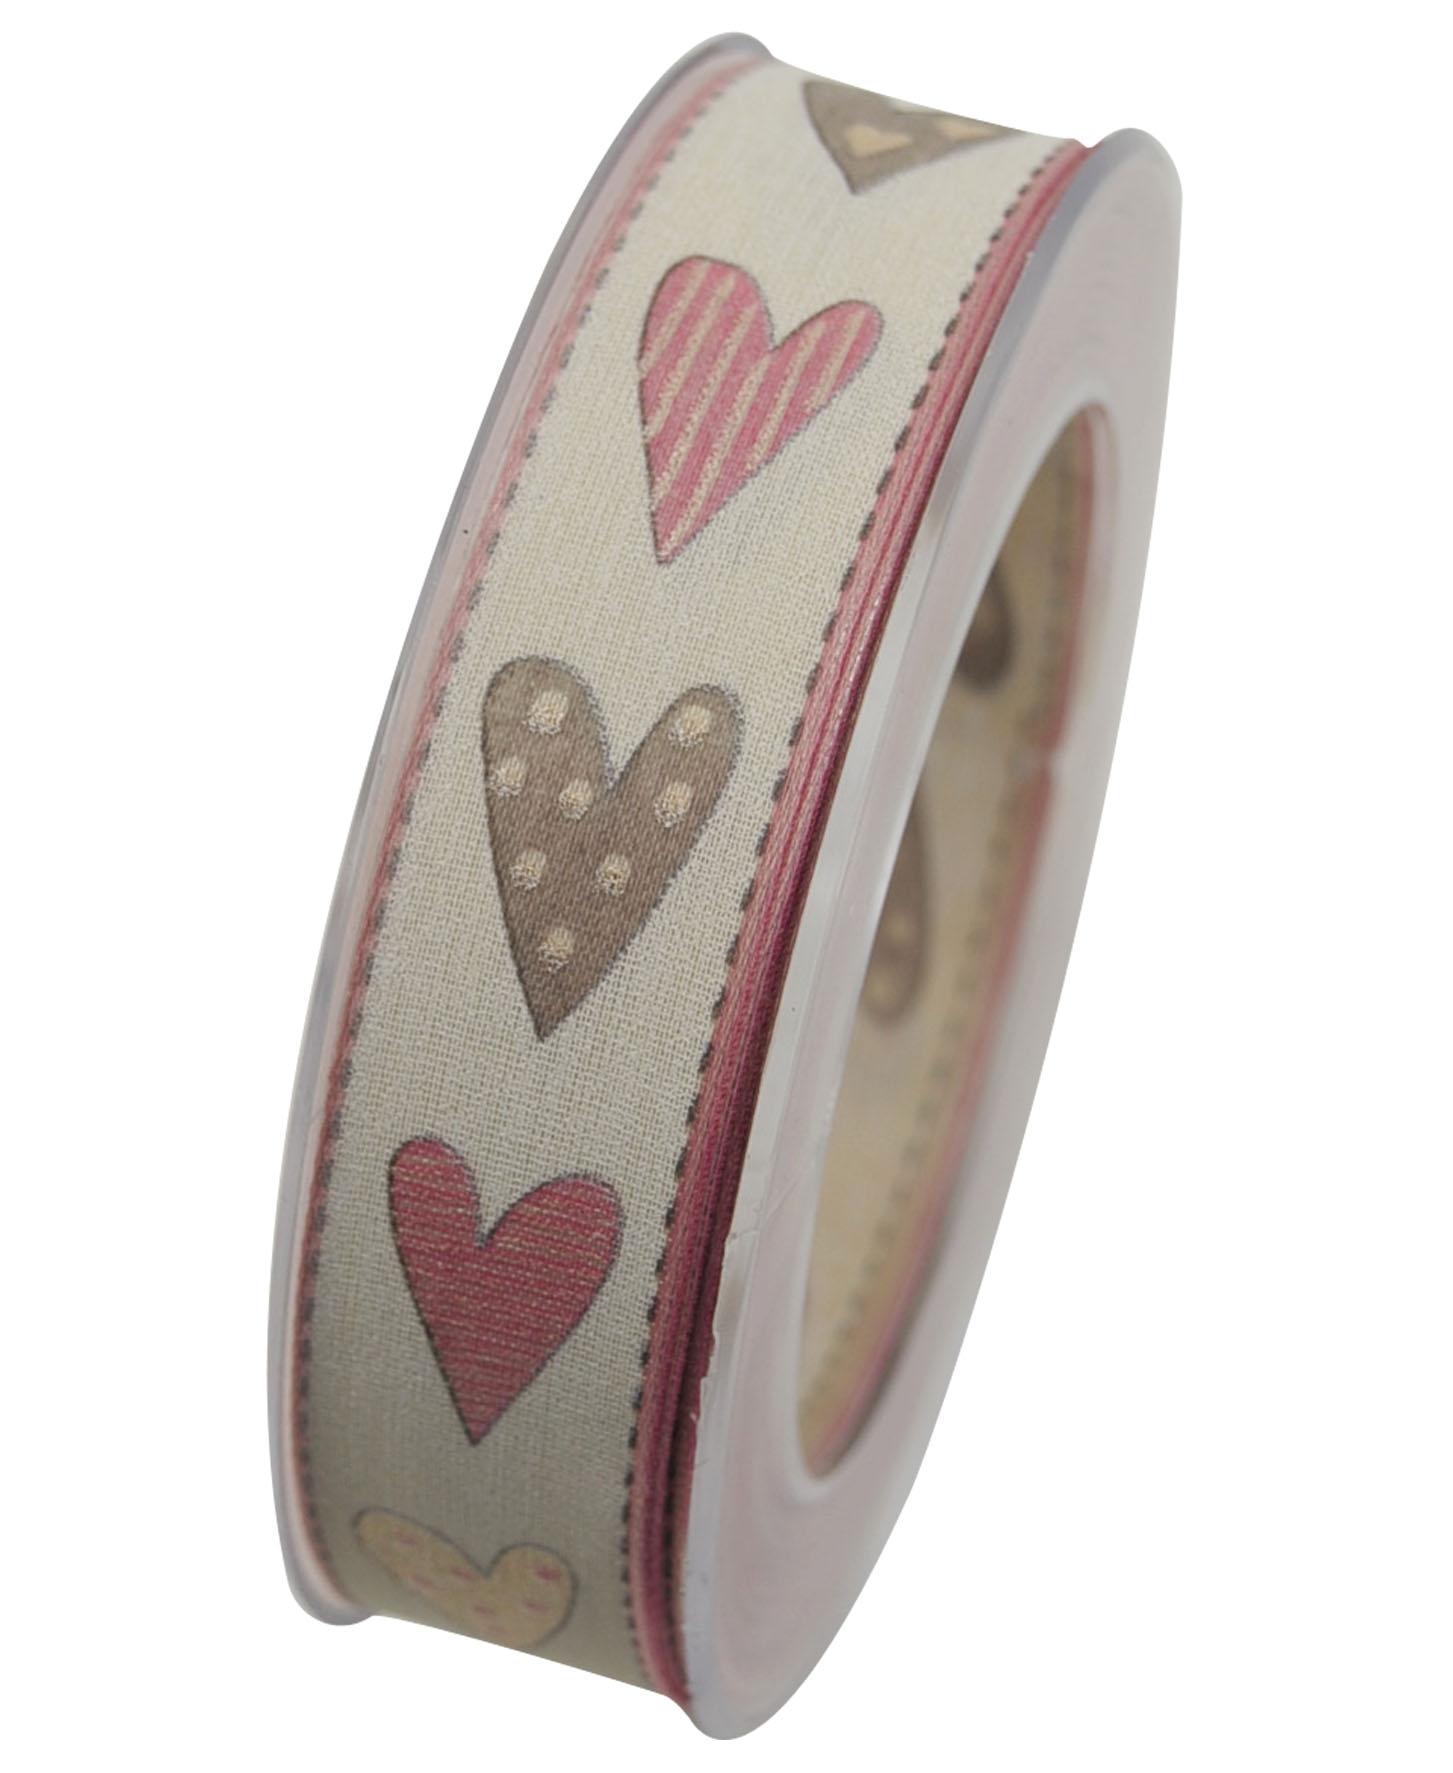 Nastri x342 025 21 ingrosso bomboniere oggettistica articoli per wedding planner - Nastri decorativi natalizi ...